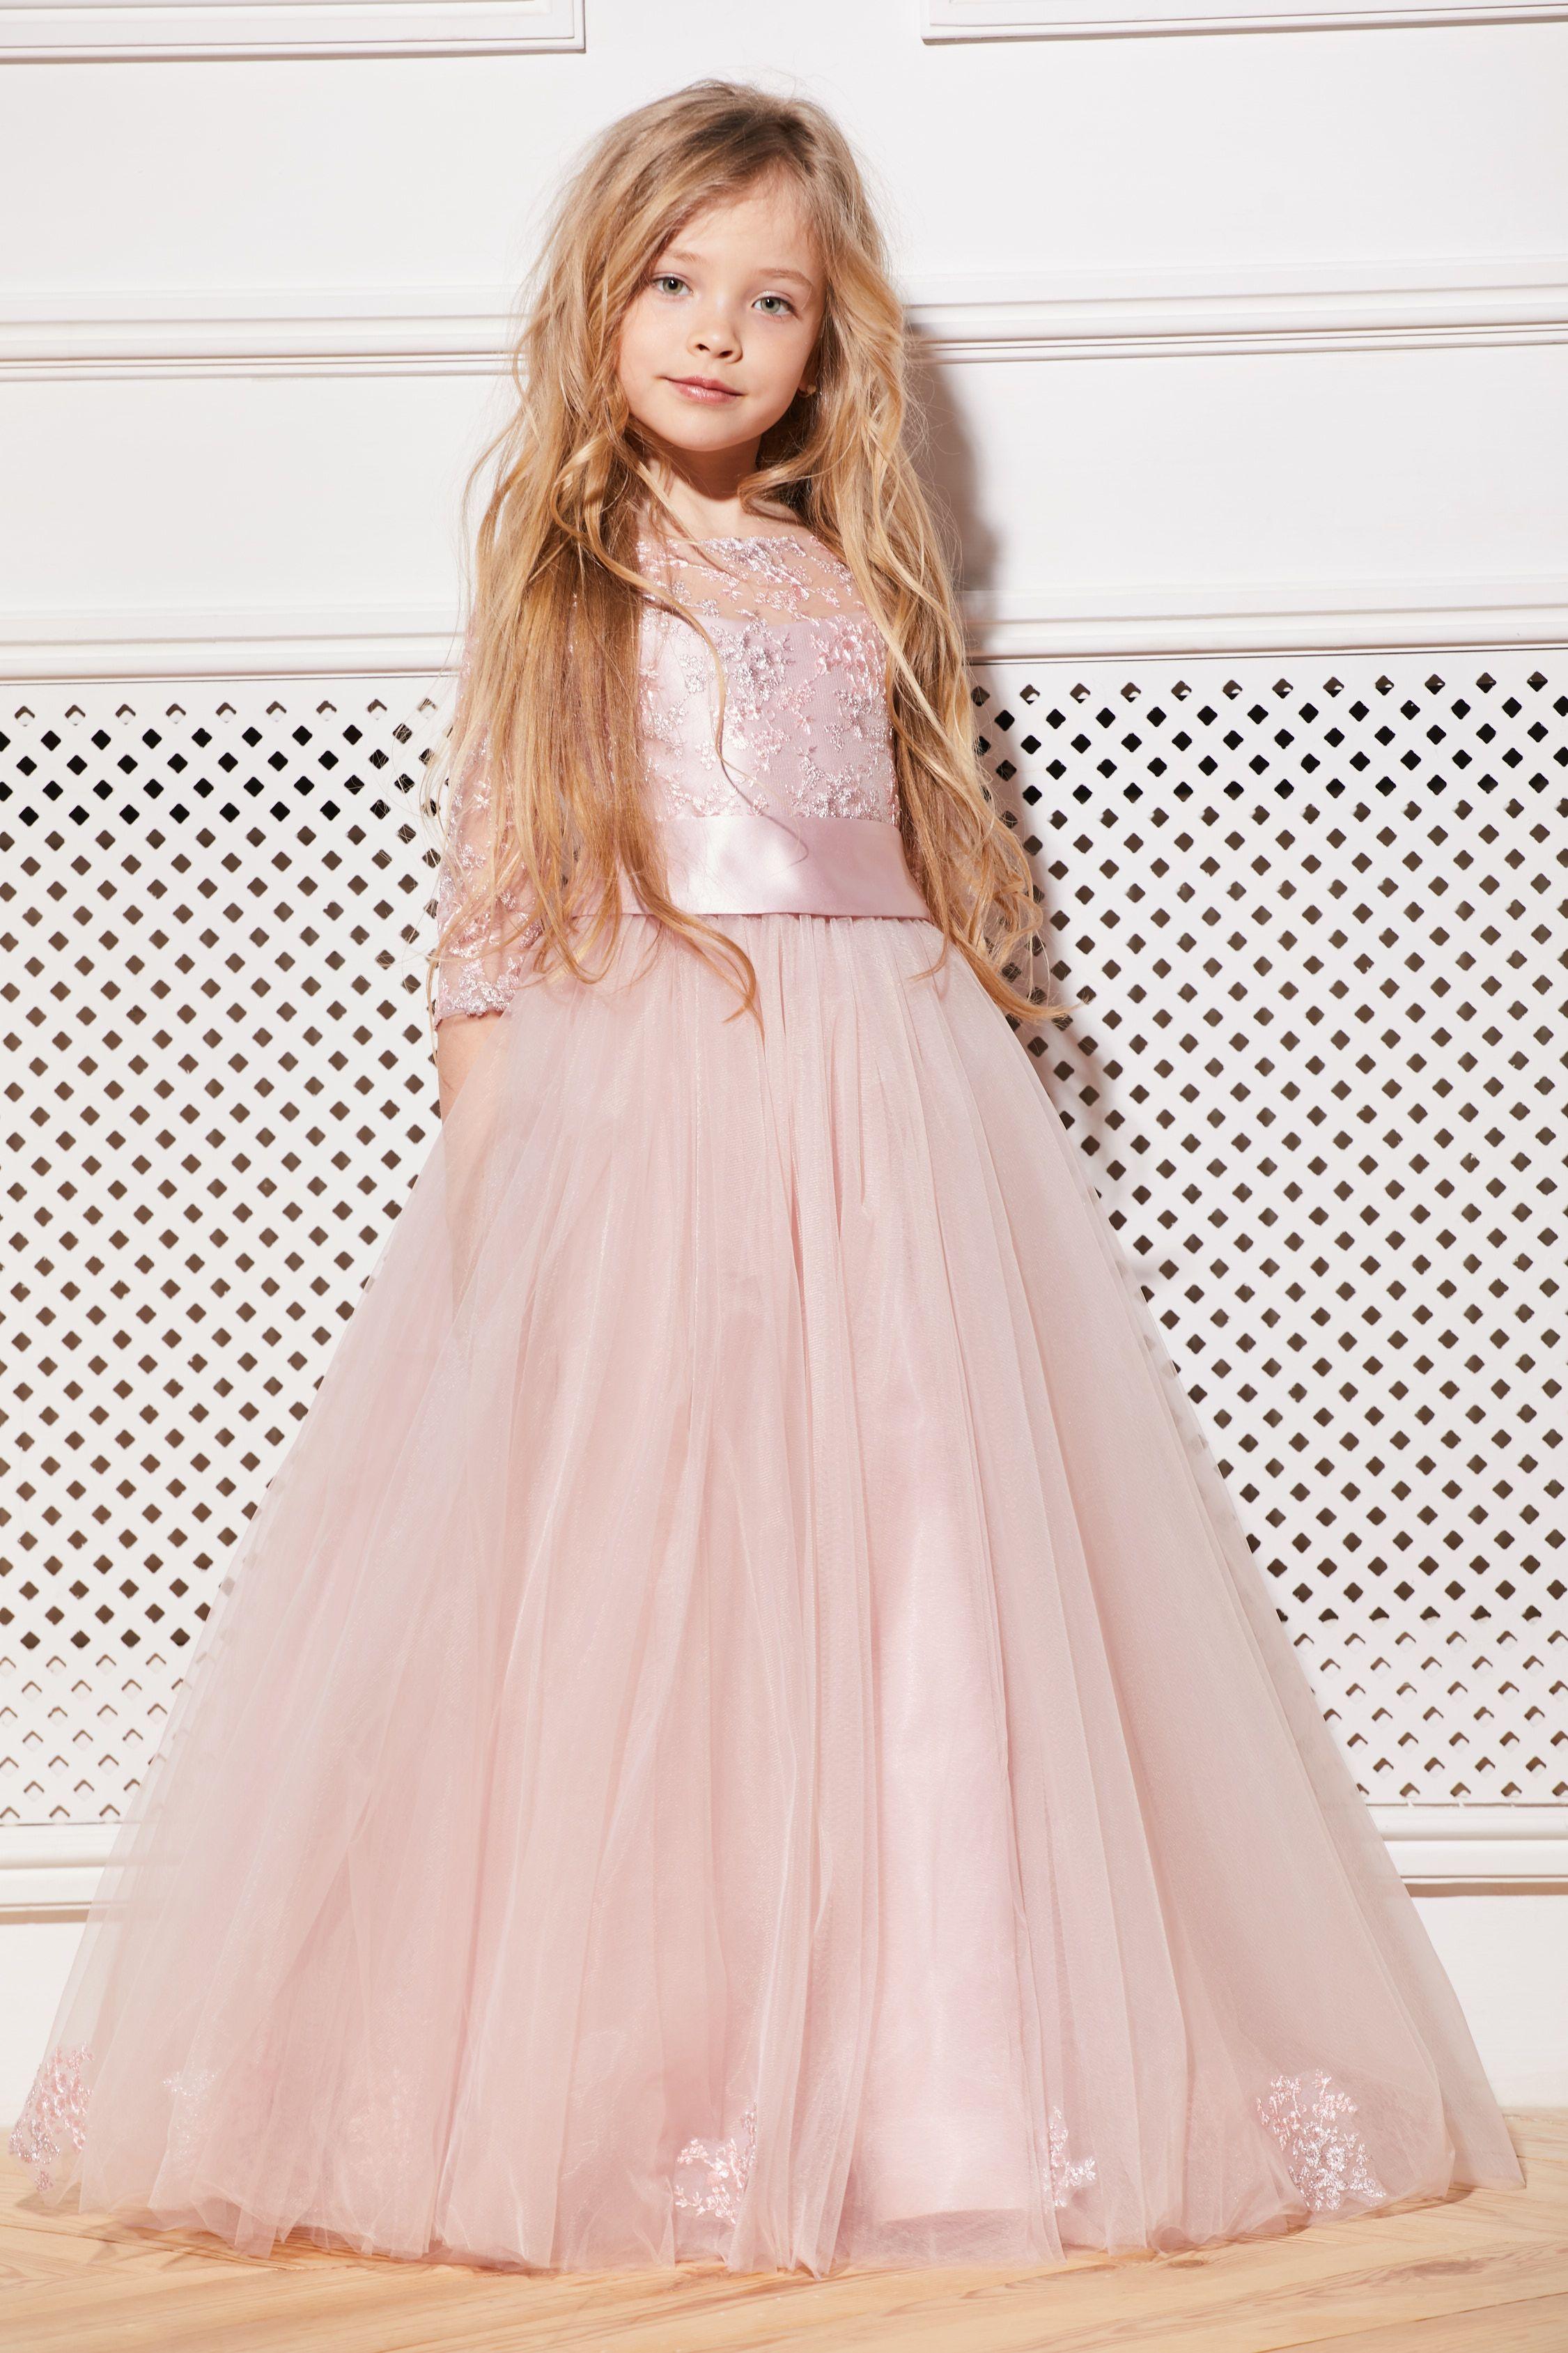 Blush flo blush flower girl dresses flower girl